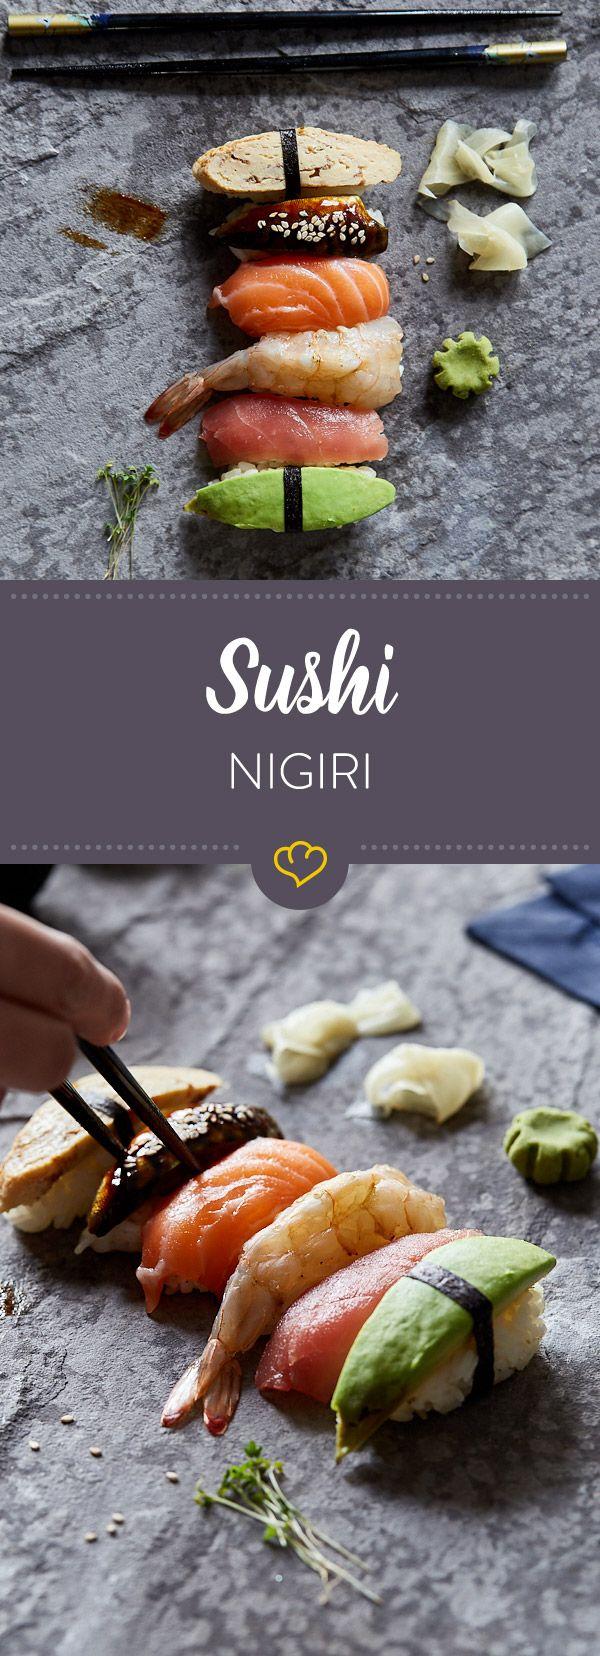 Wenn du Sushi zu Hause machst, dürfen Nigiri natürlich nicht fehlen. Hier findest du die richtige Anleitung und fantastische Rezeptvorschläge.